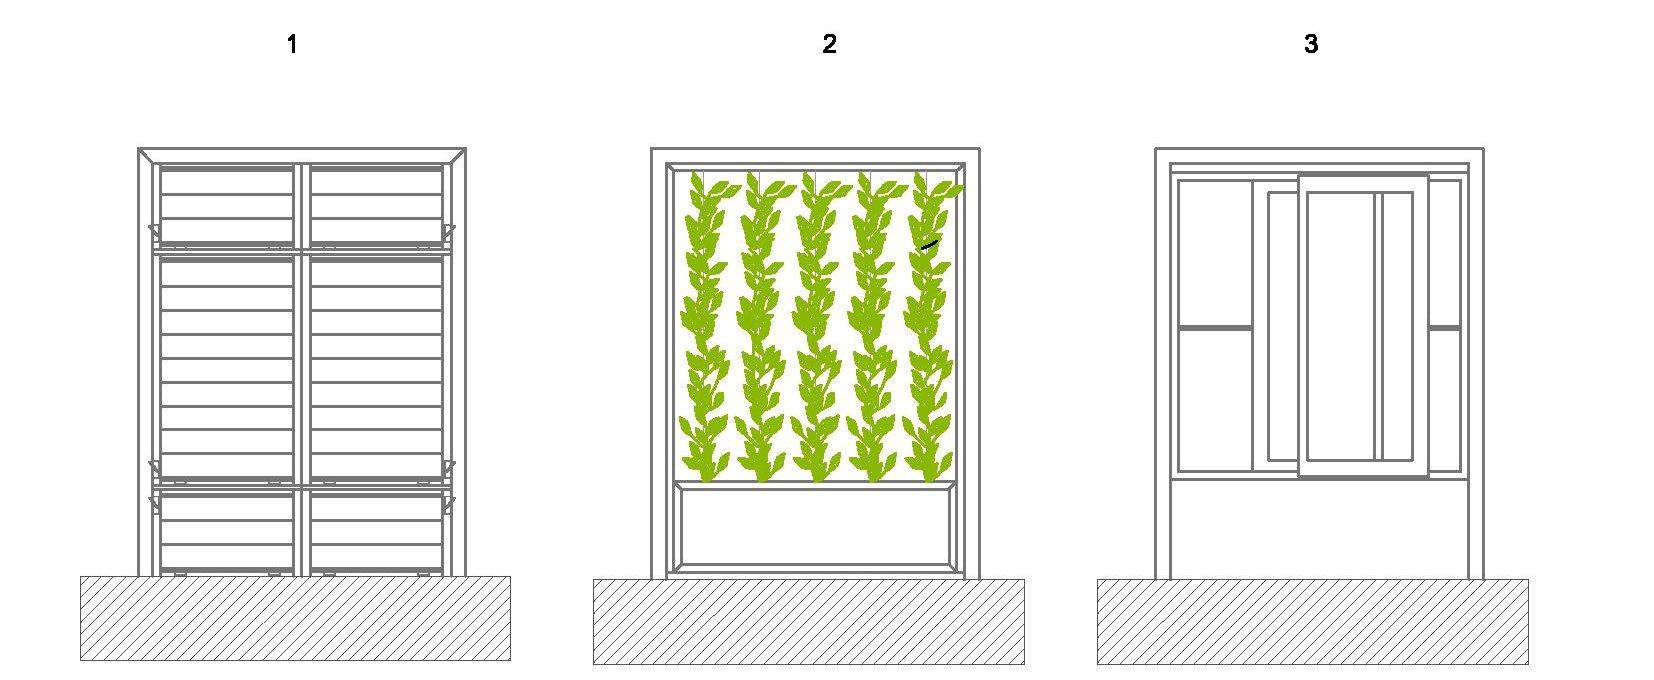 Sistemas vegetales que mejoran la calidad ambiental de las for Muro verde sistema constructivo